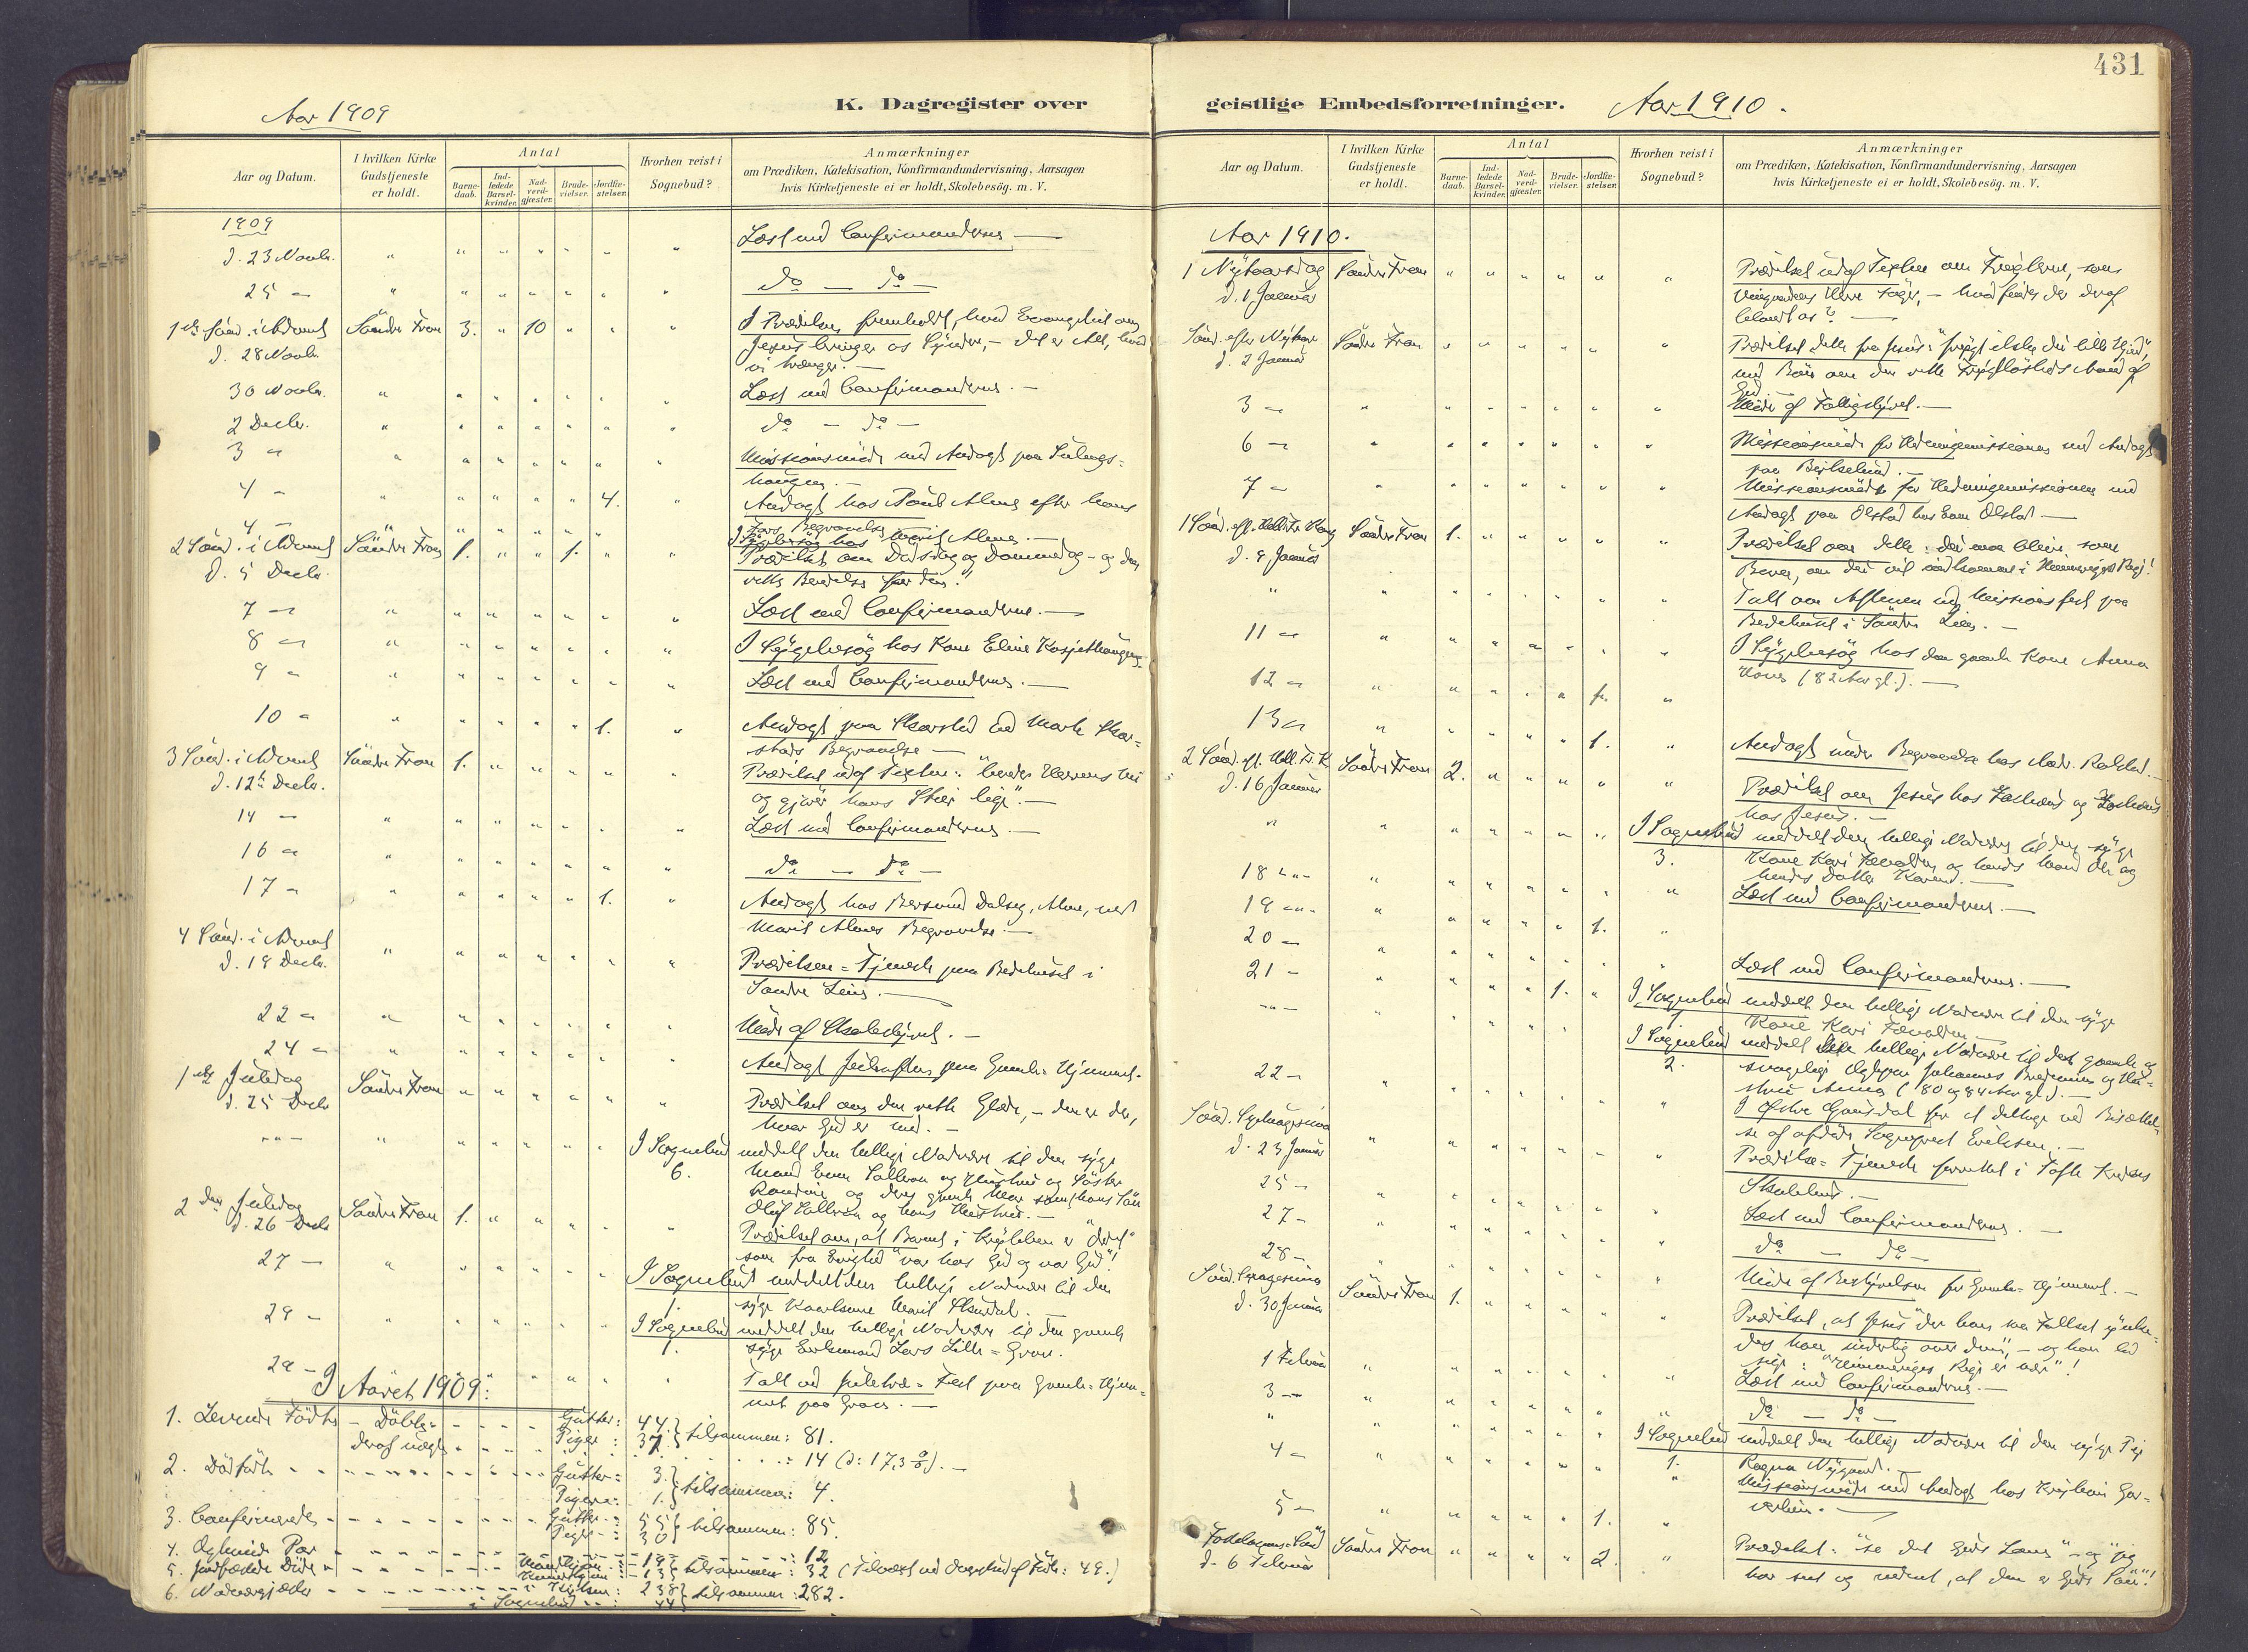 SAH, Sør-Fron prestekontor, H/Ha/Haa/L0004: Ministerialbok nr. 4, 1898-1919, s. 431